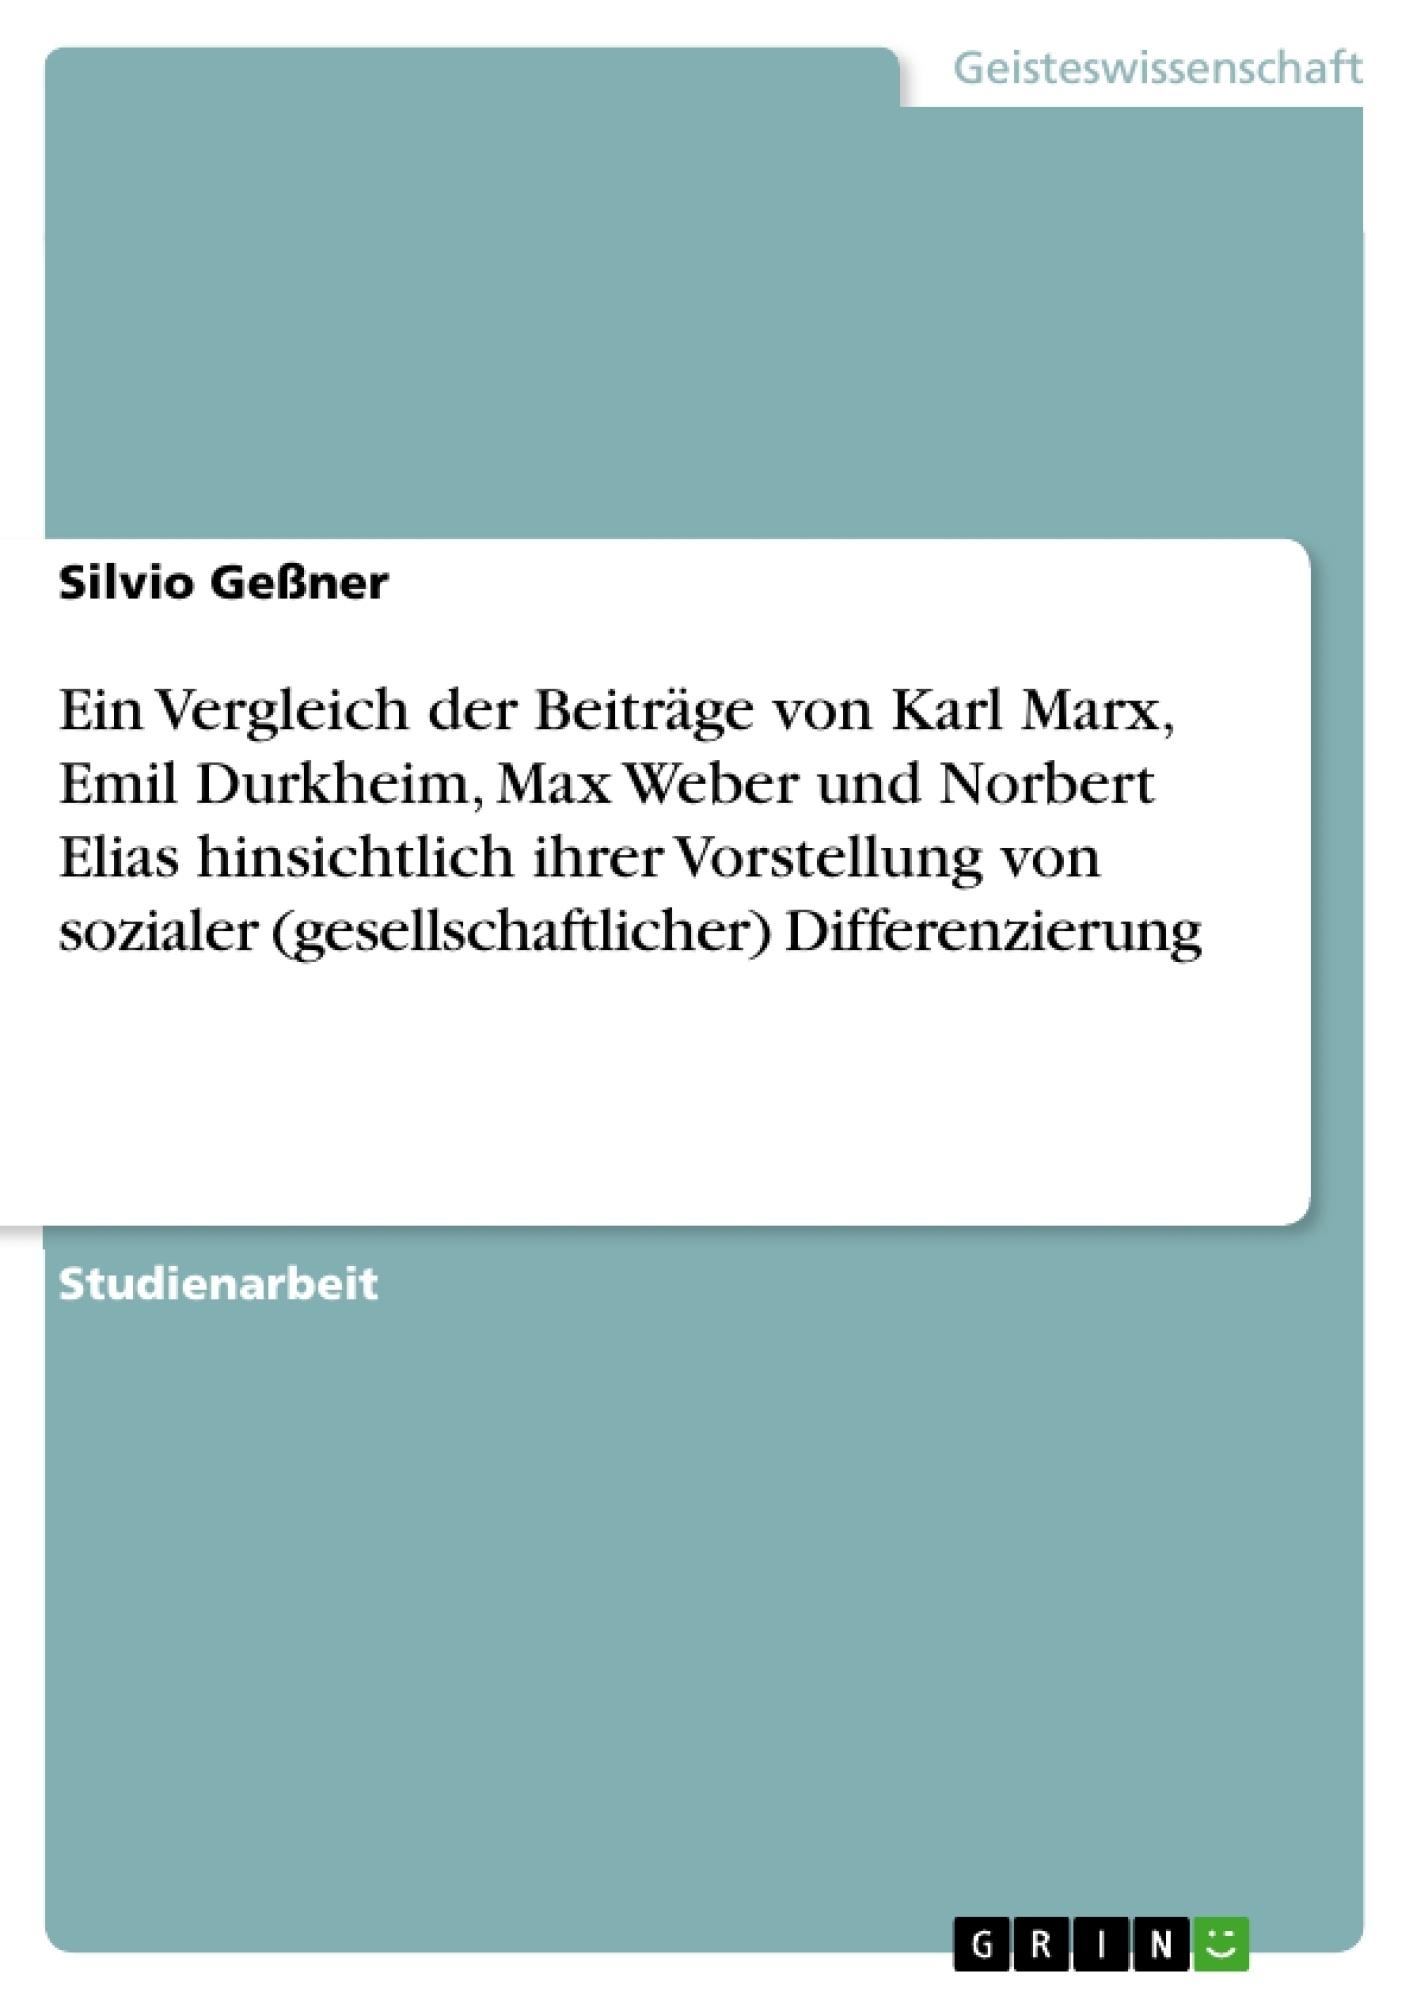 Titel: Ein Vergleich der Beiträge von Karl Marx, Emil Durkheim, Max Weber und Norbert Elias hinsichtlich ihrer Vorstellung von sozialer (gesellschaftlicher) Differenzierung